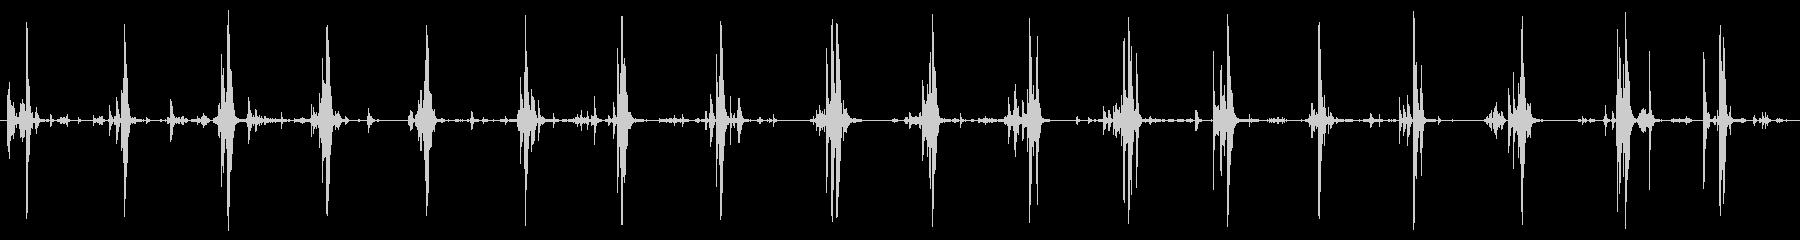 鎧 ロボット 足音の未再生の波形